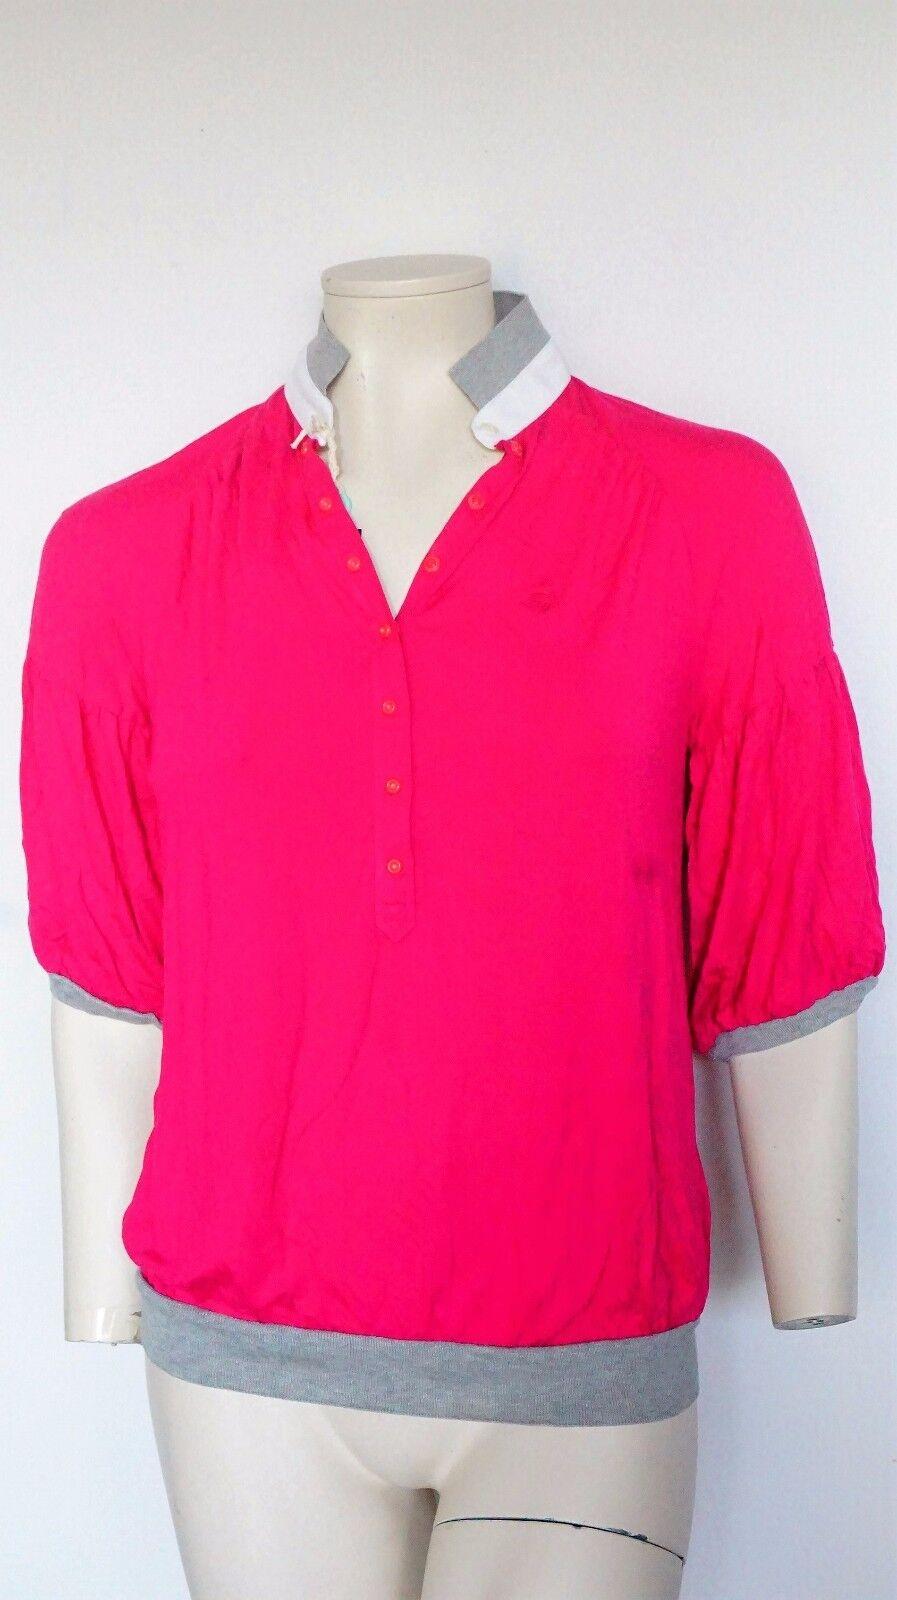 Fay by TOD 'S camicia da donna, rosa viscosa-miscela FAY Camicia da Donna Polo Taglia; L